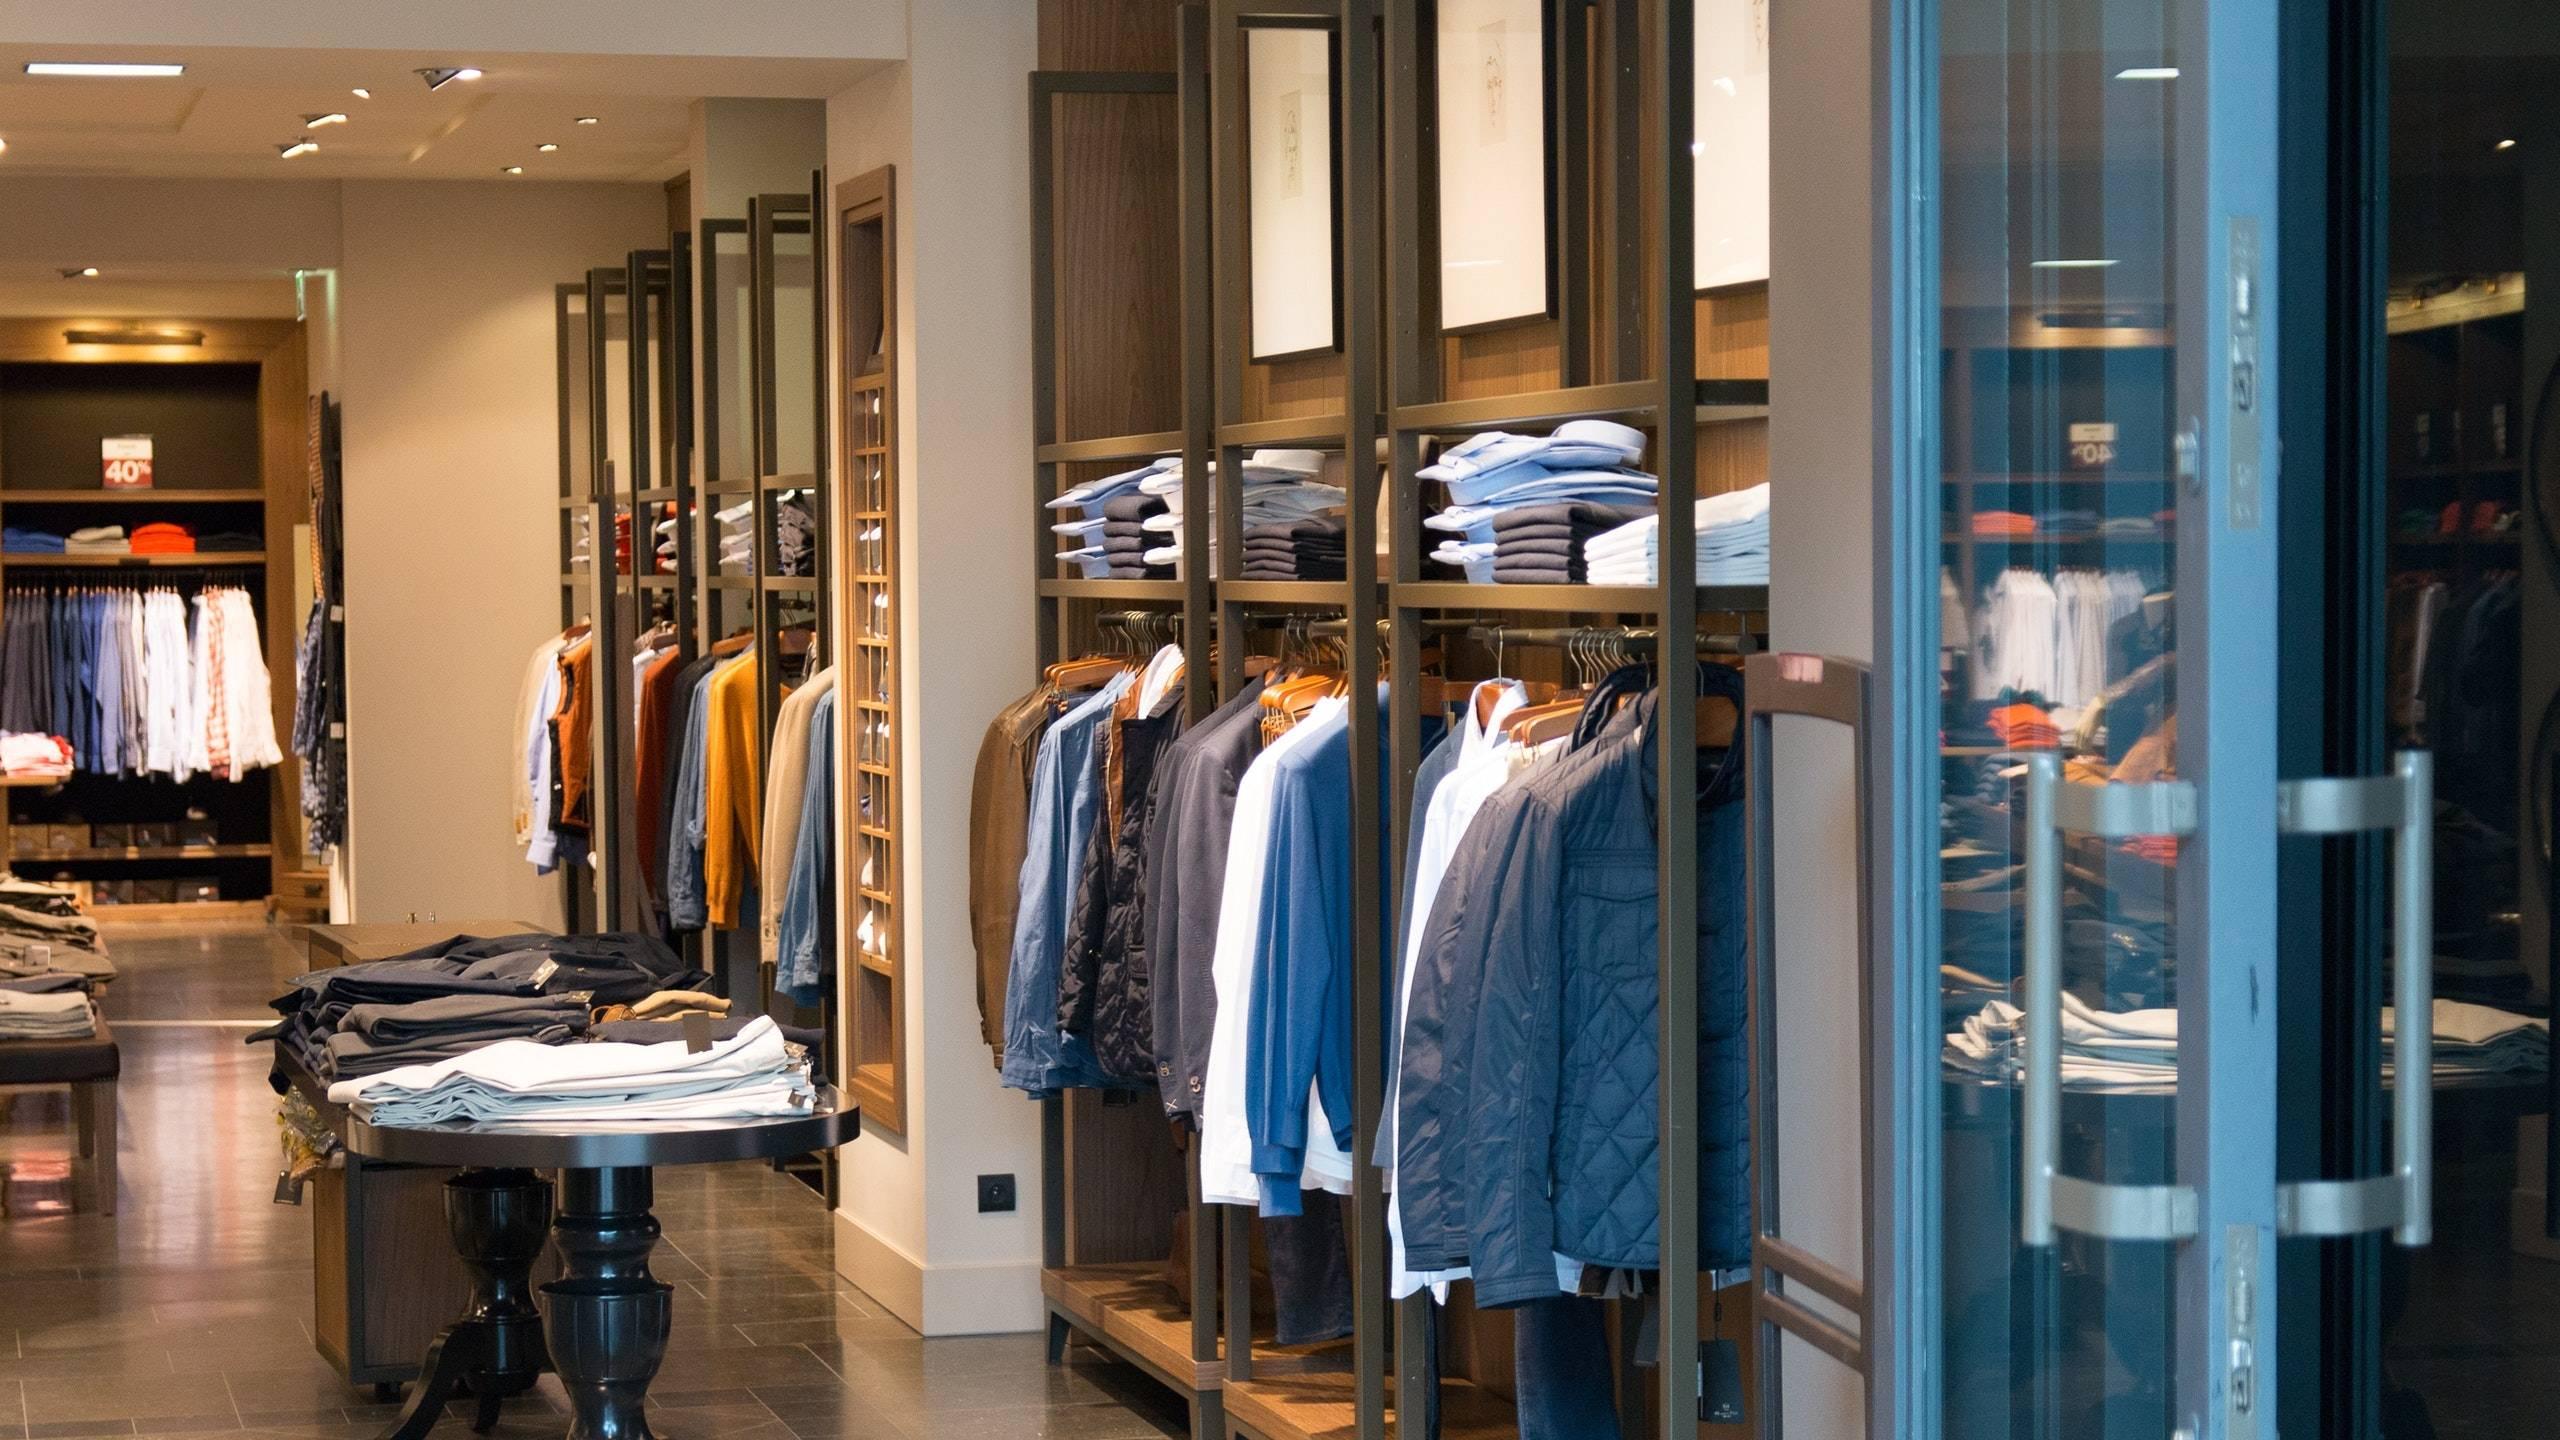 Artigianato e accessori a Roma  dove acquistarli. Se questi sono gli  indirizzi imperdibili per quanto riguarda l acquisto di abbigliamento e di  gioielleria 98b4069d826